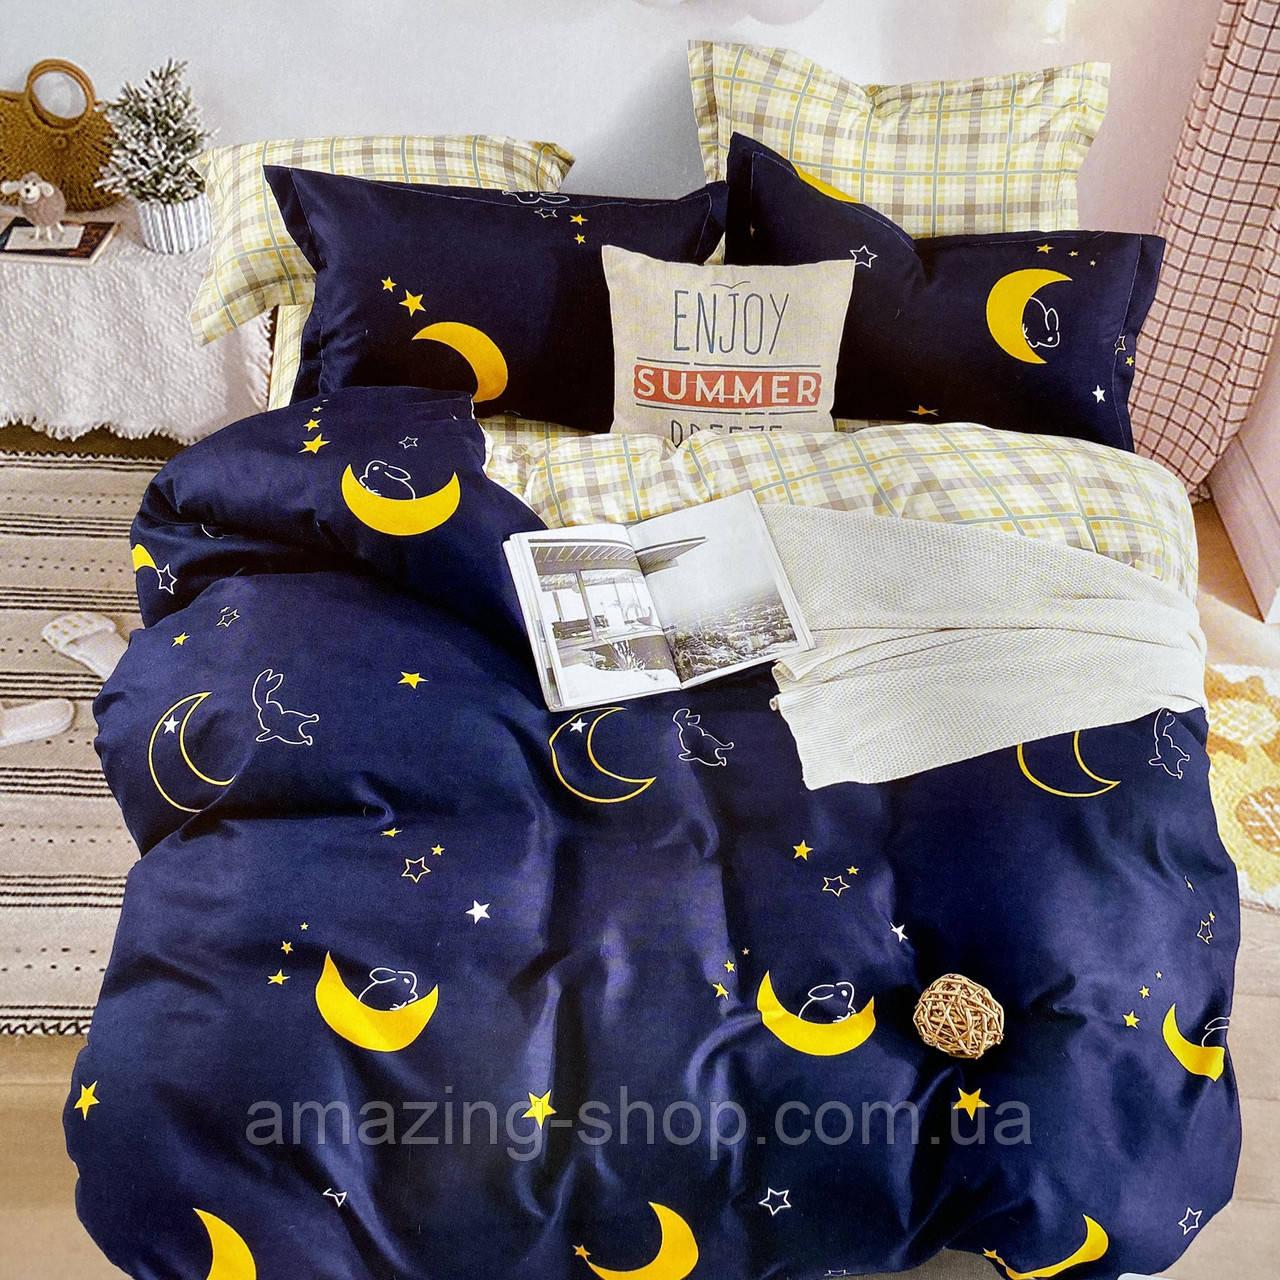 Полуторный комплект постельного белья с простыню на резинке, Постельное белье с фланели 1,5 полуторка